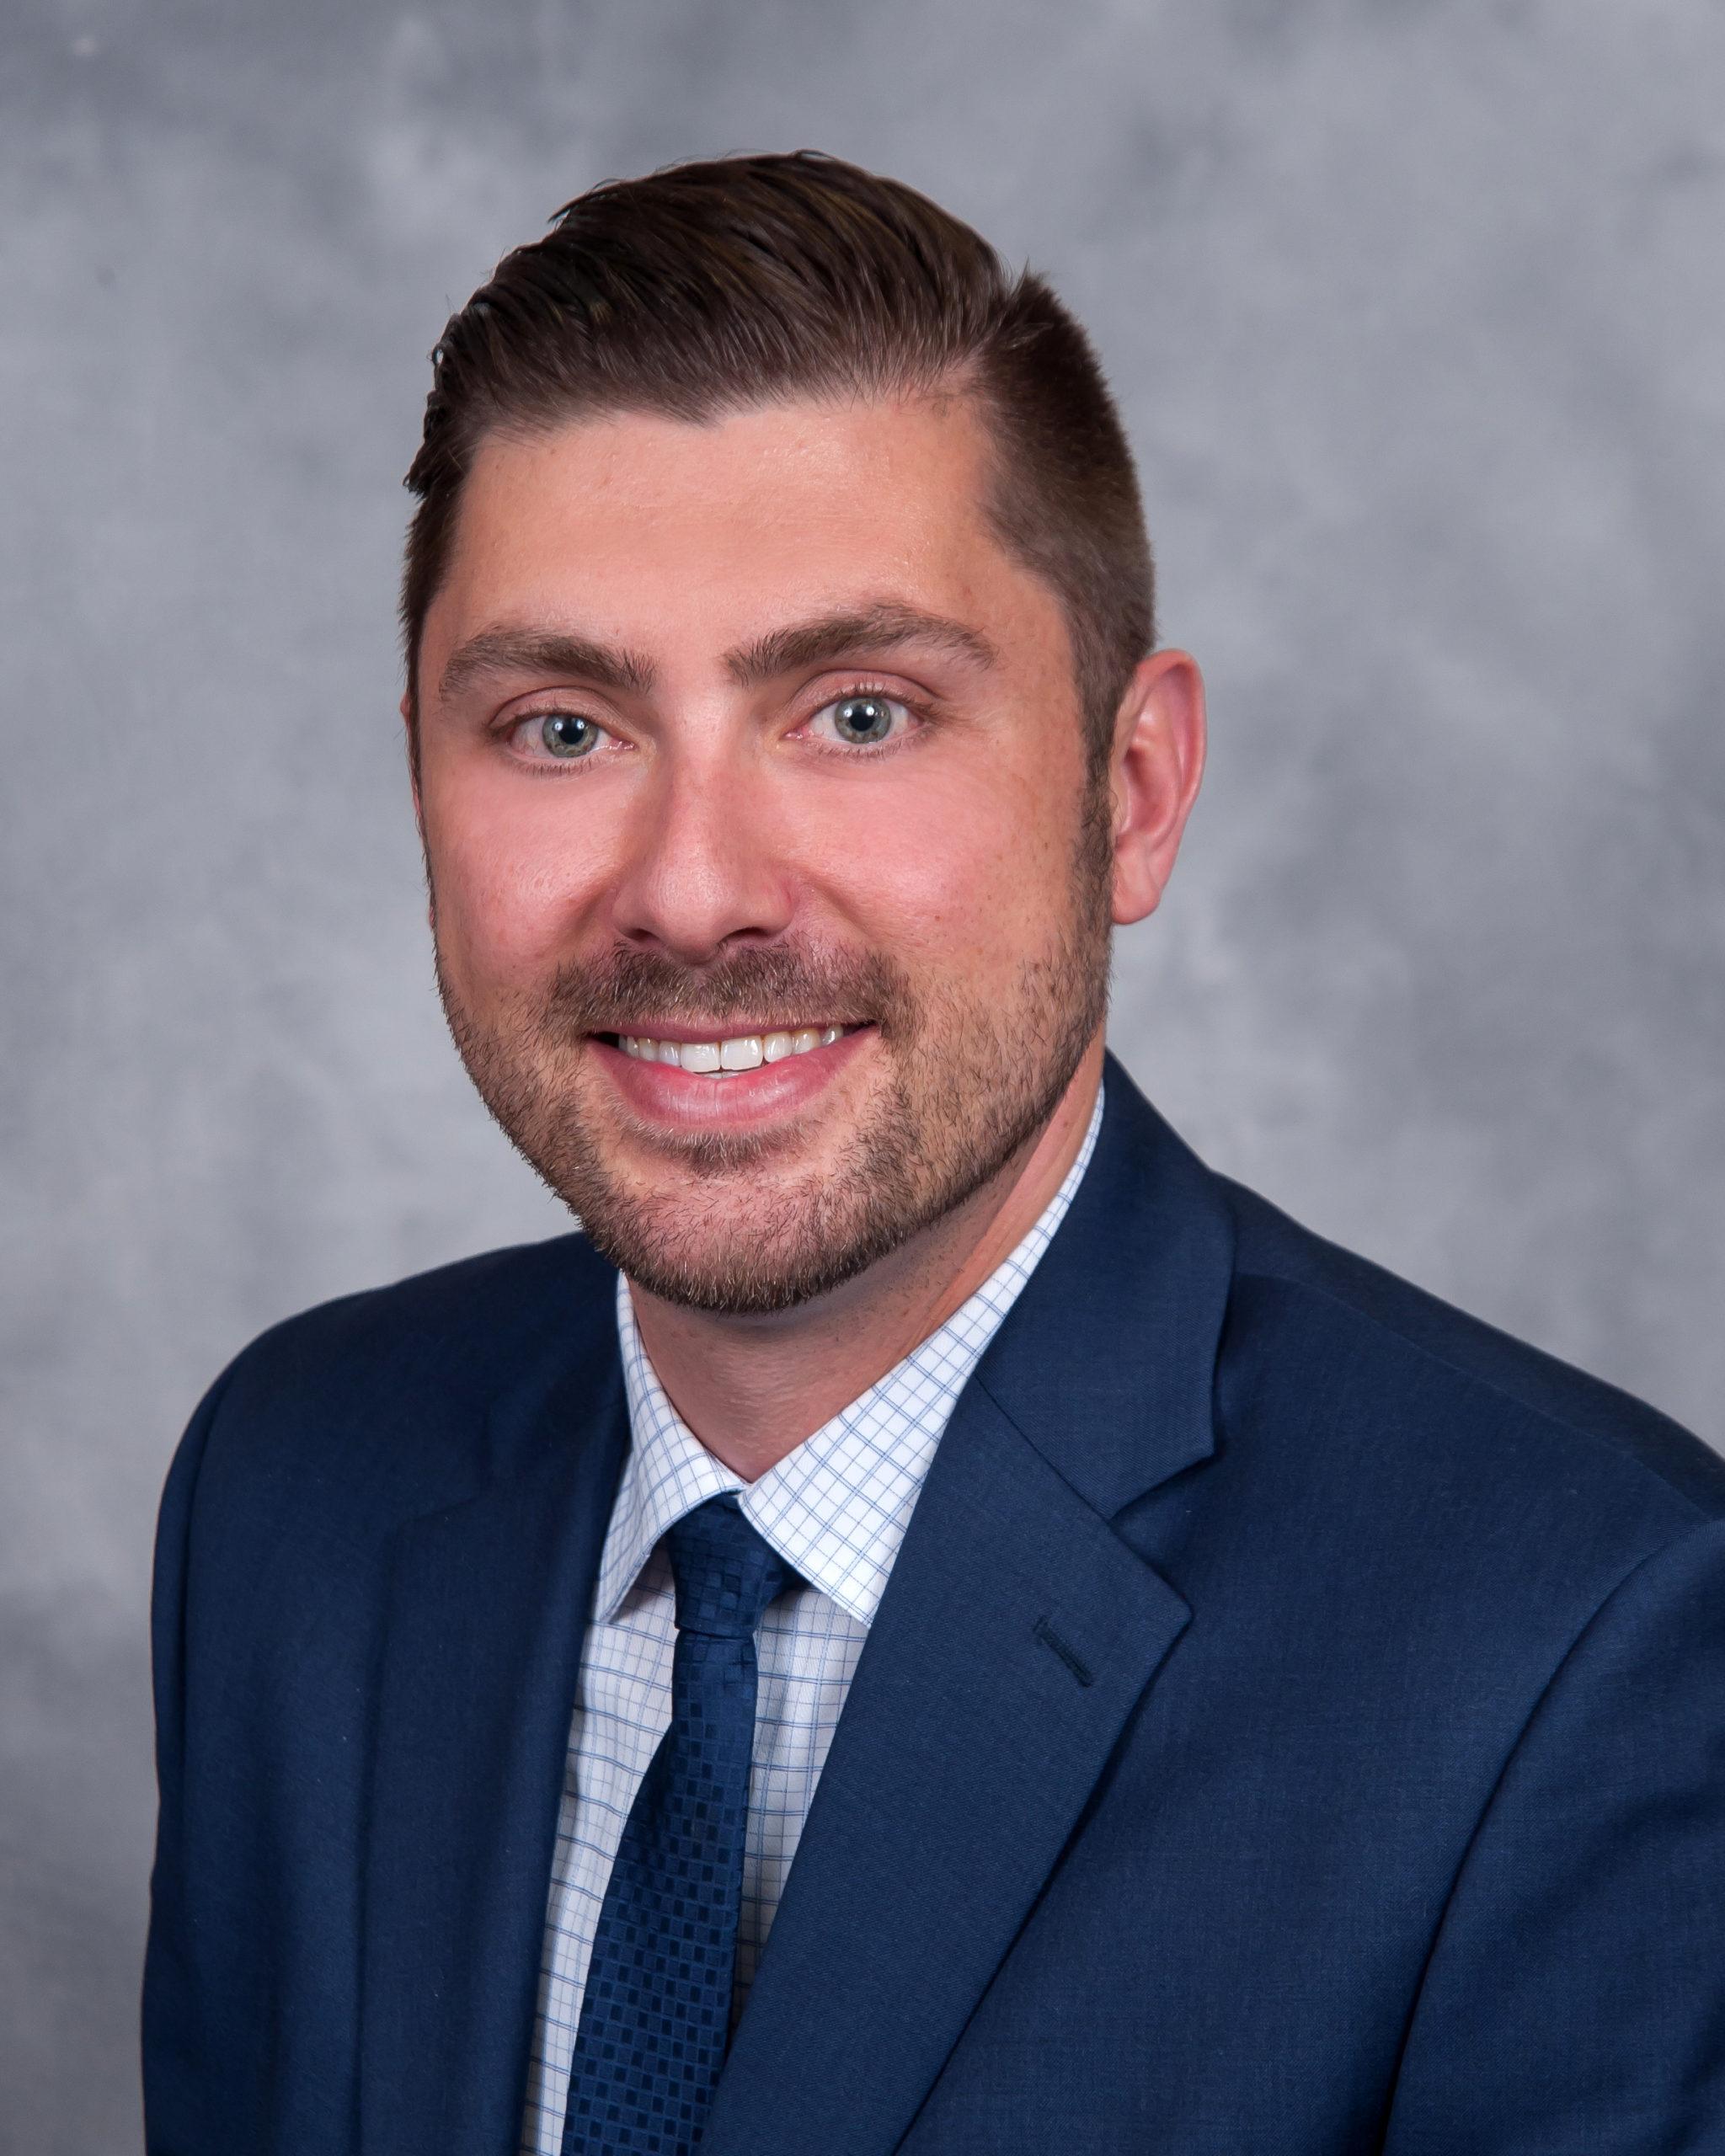 Robert D  Vizmeg - An Independence Divorce Attorney